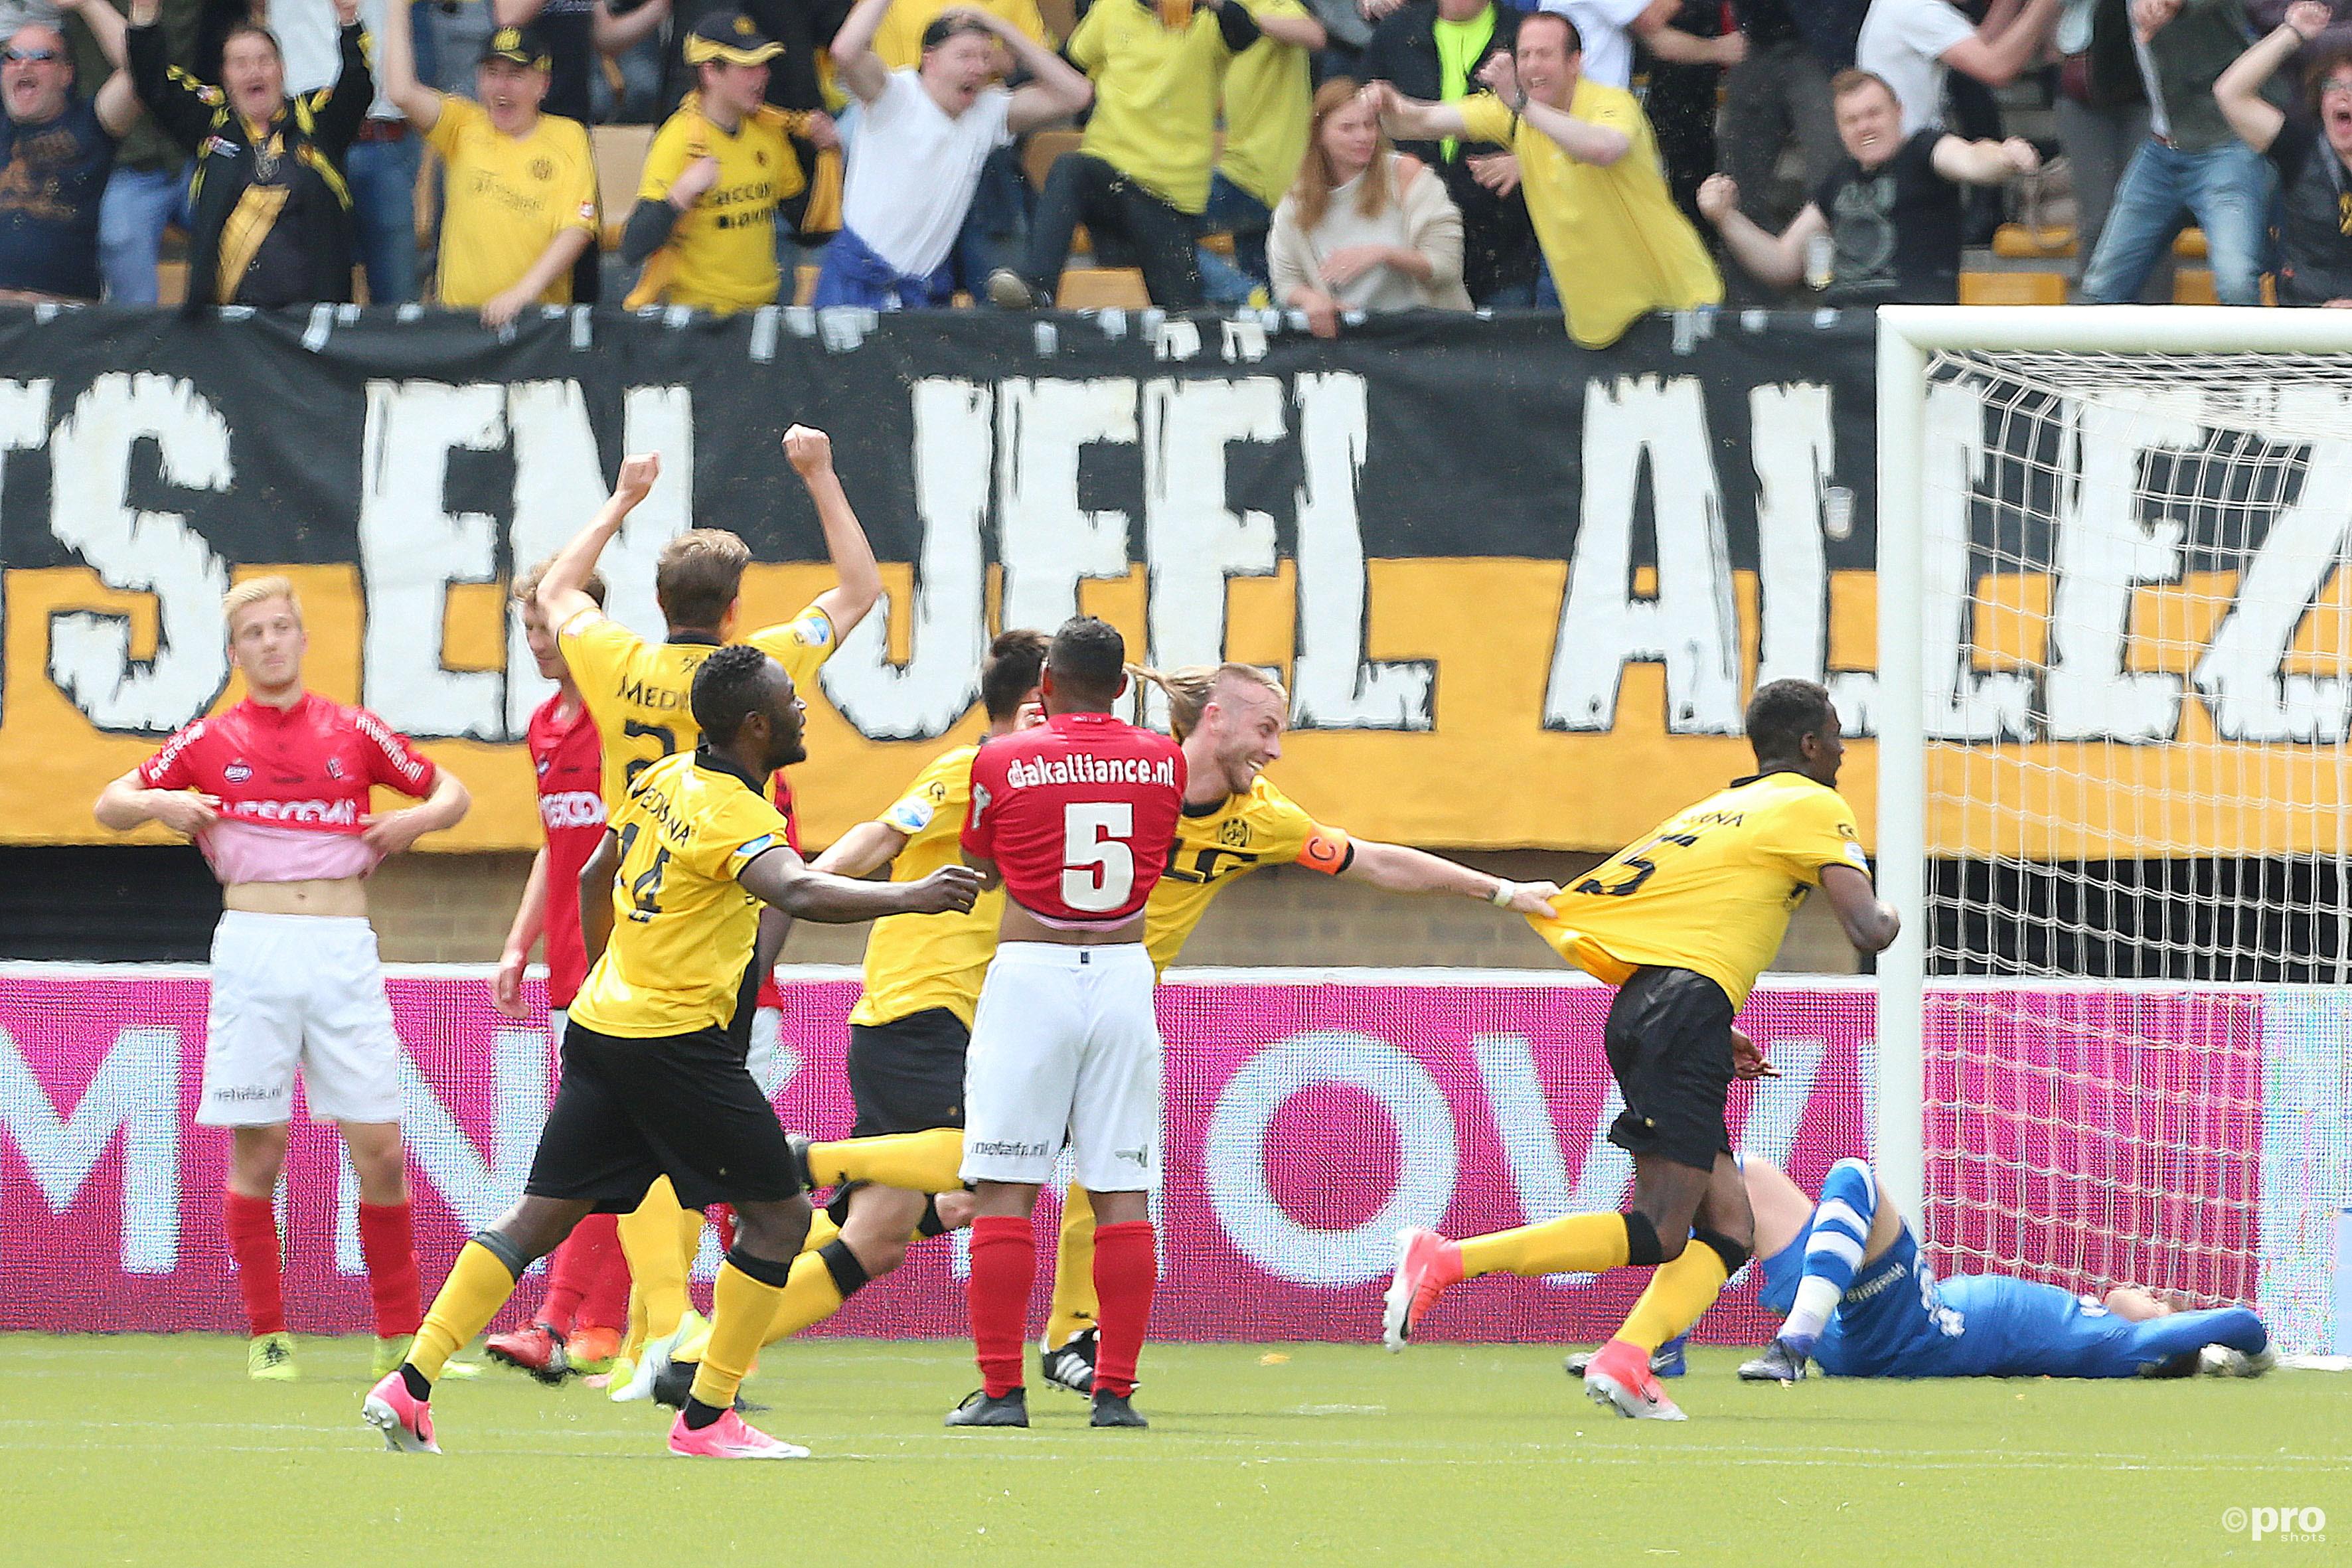 Terwijl Roda JC spelers juichen ligt Helmond Sport speler Stijn van Gassel er verslagen bij. (PRO SHOTS/Henk Korzelius)